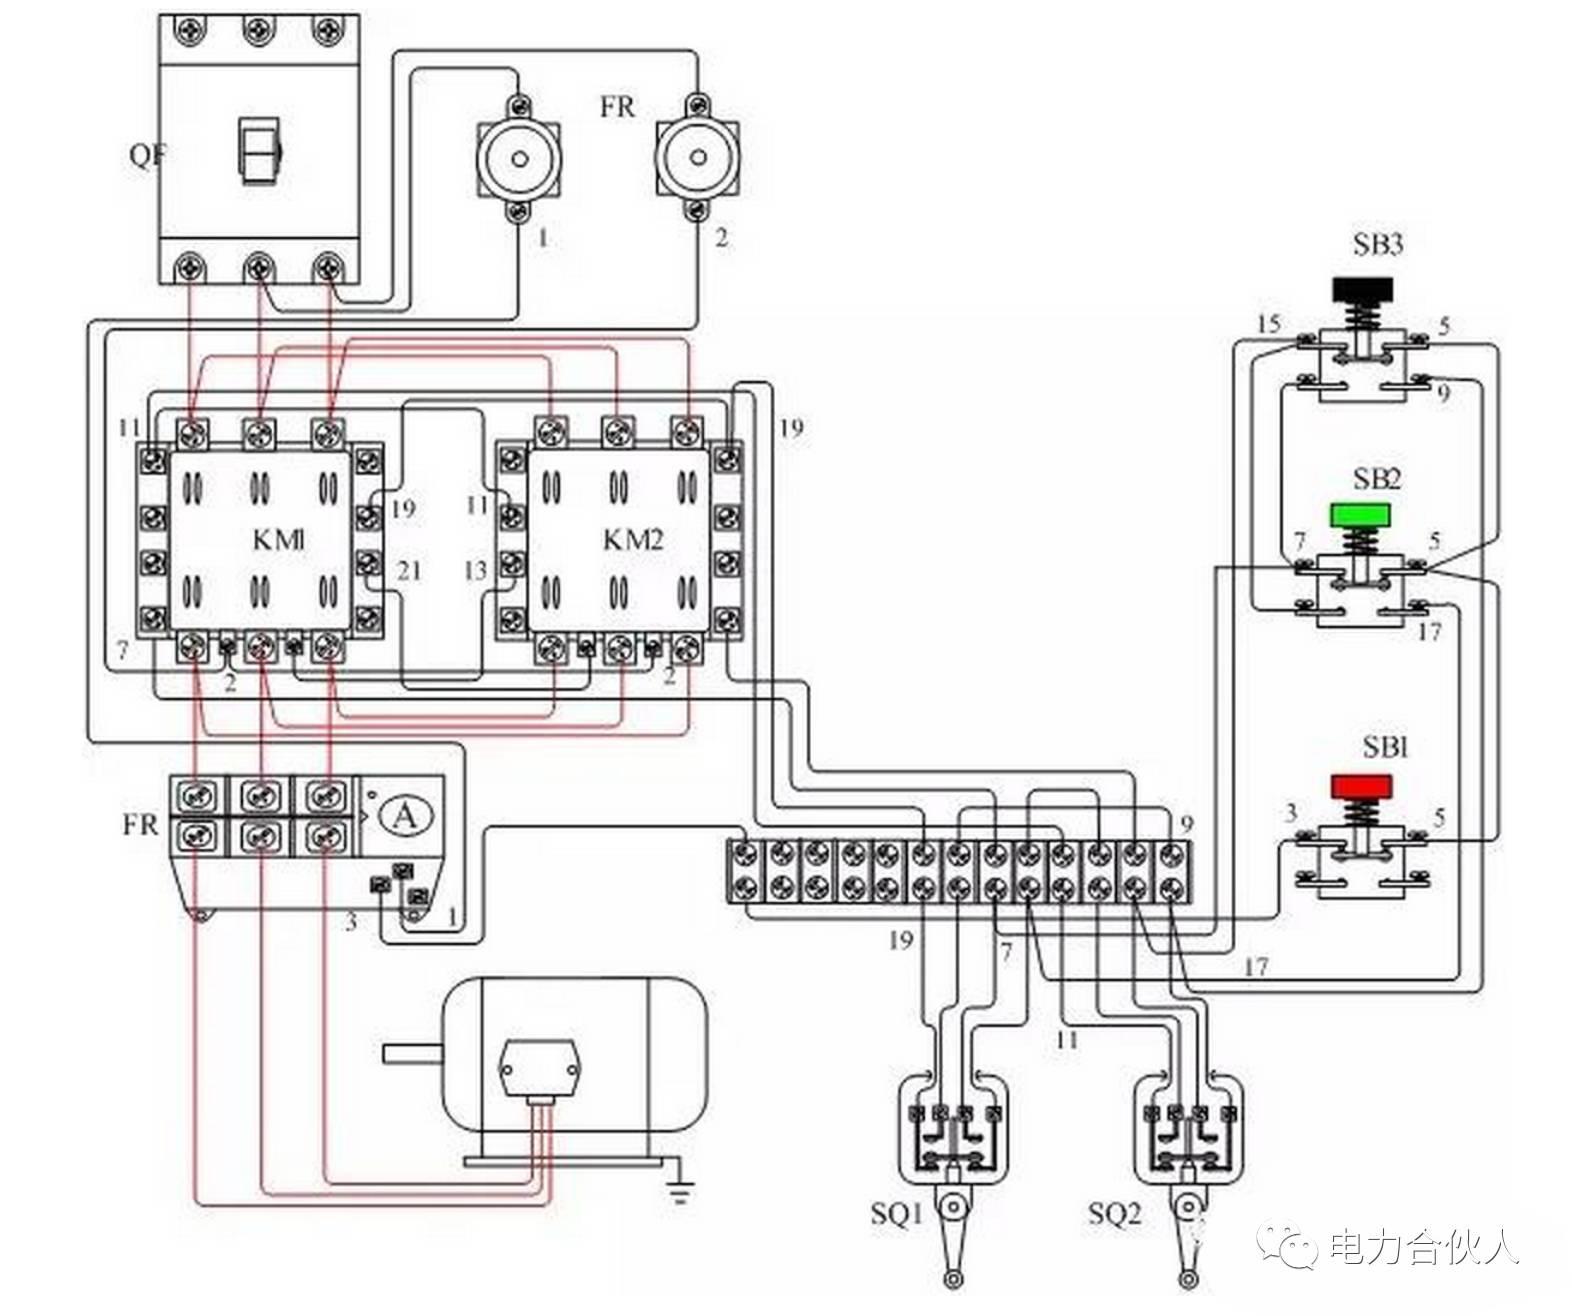 维修电工必知必懂 行程开关作用原理及实物接线图